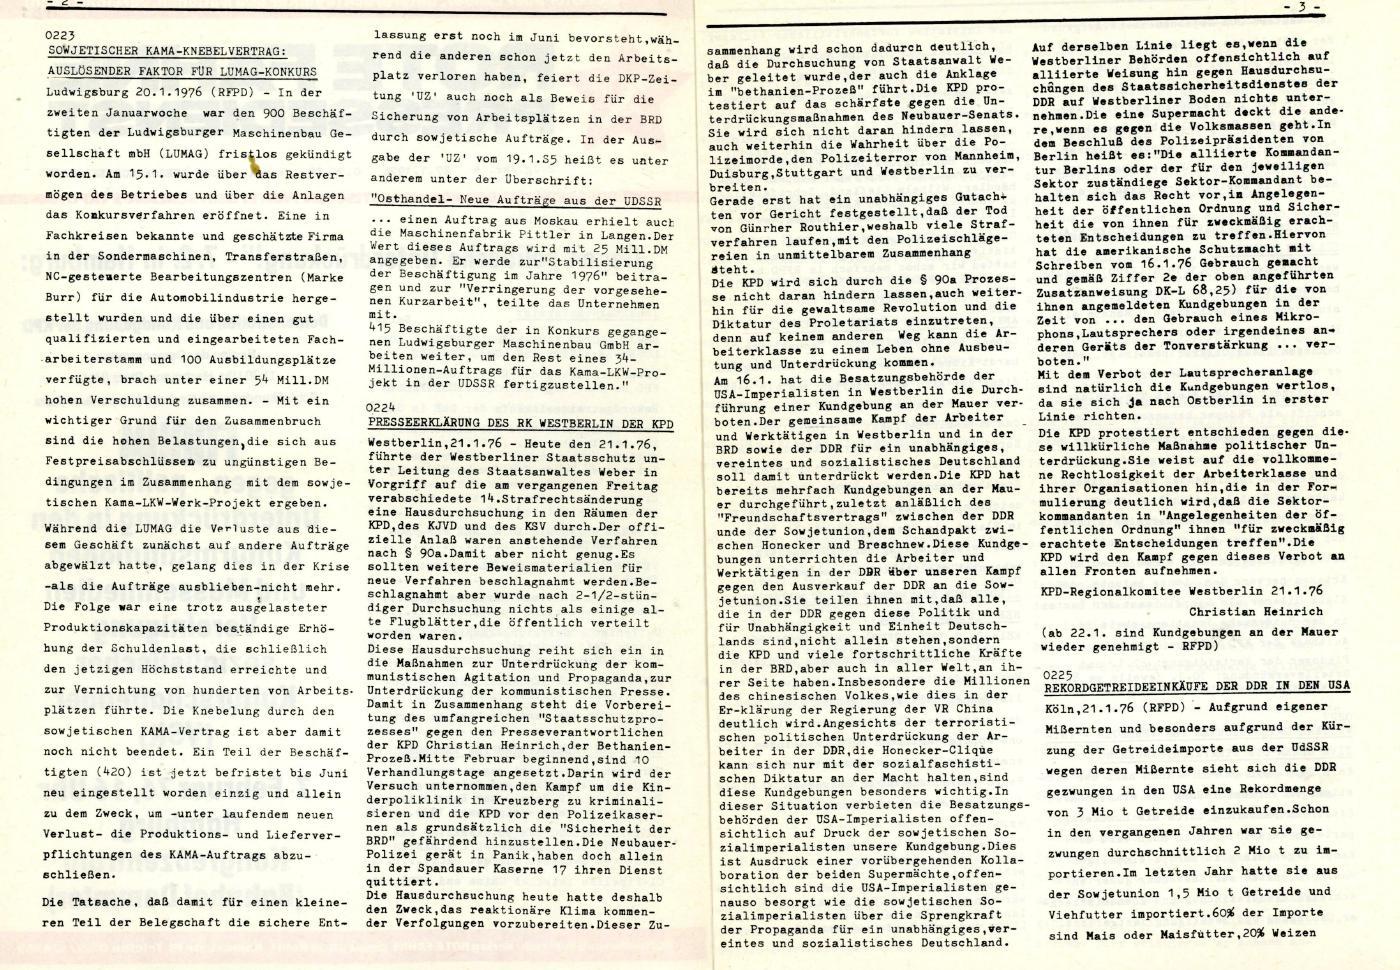 Rote_Fahne_Pressedienst_1976_04_02